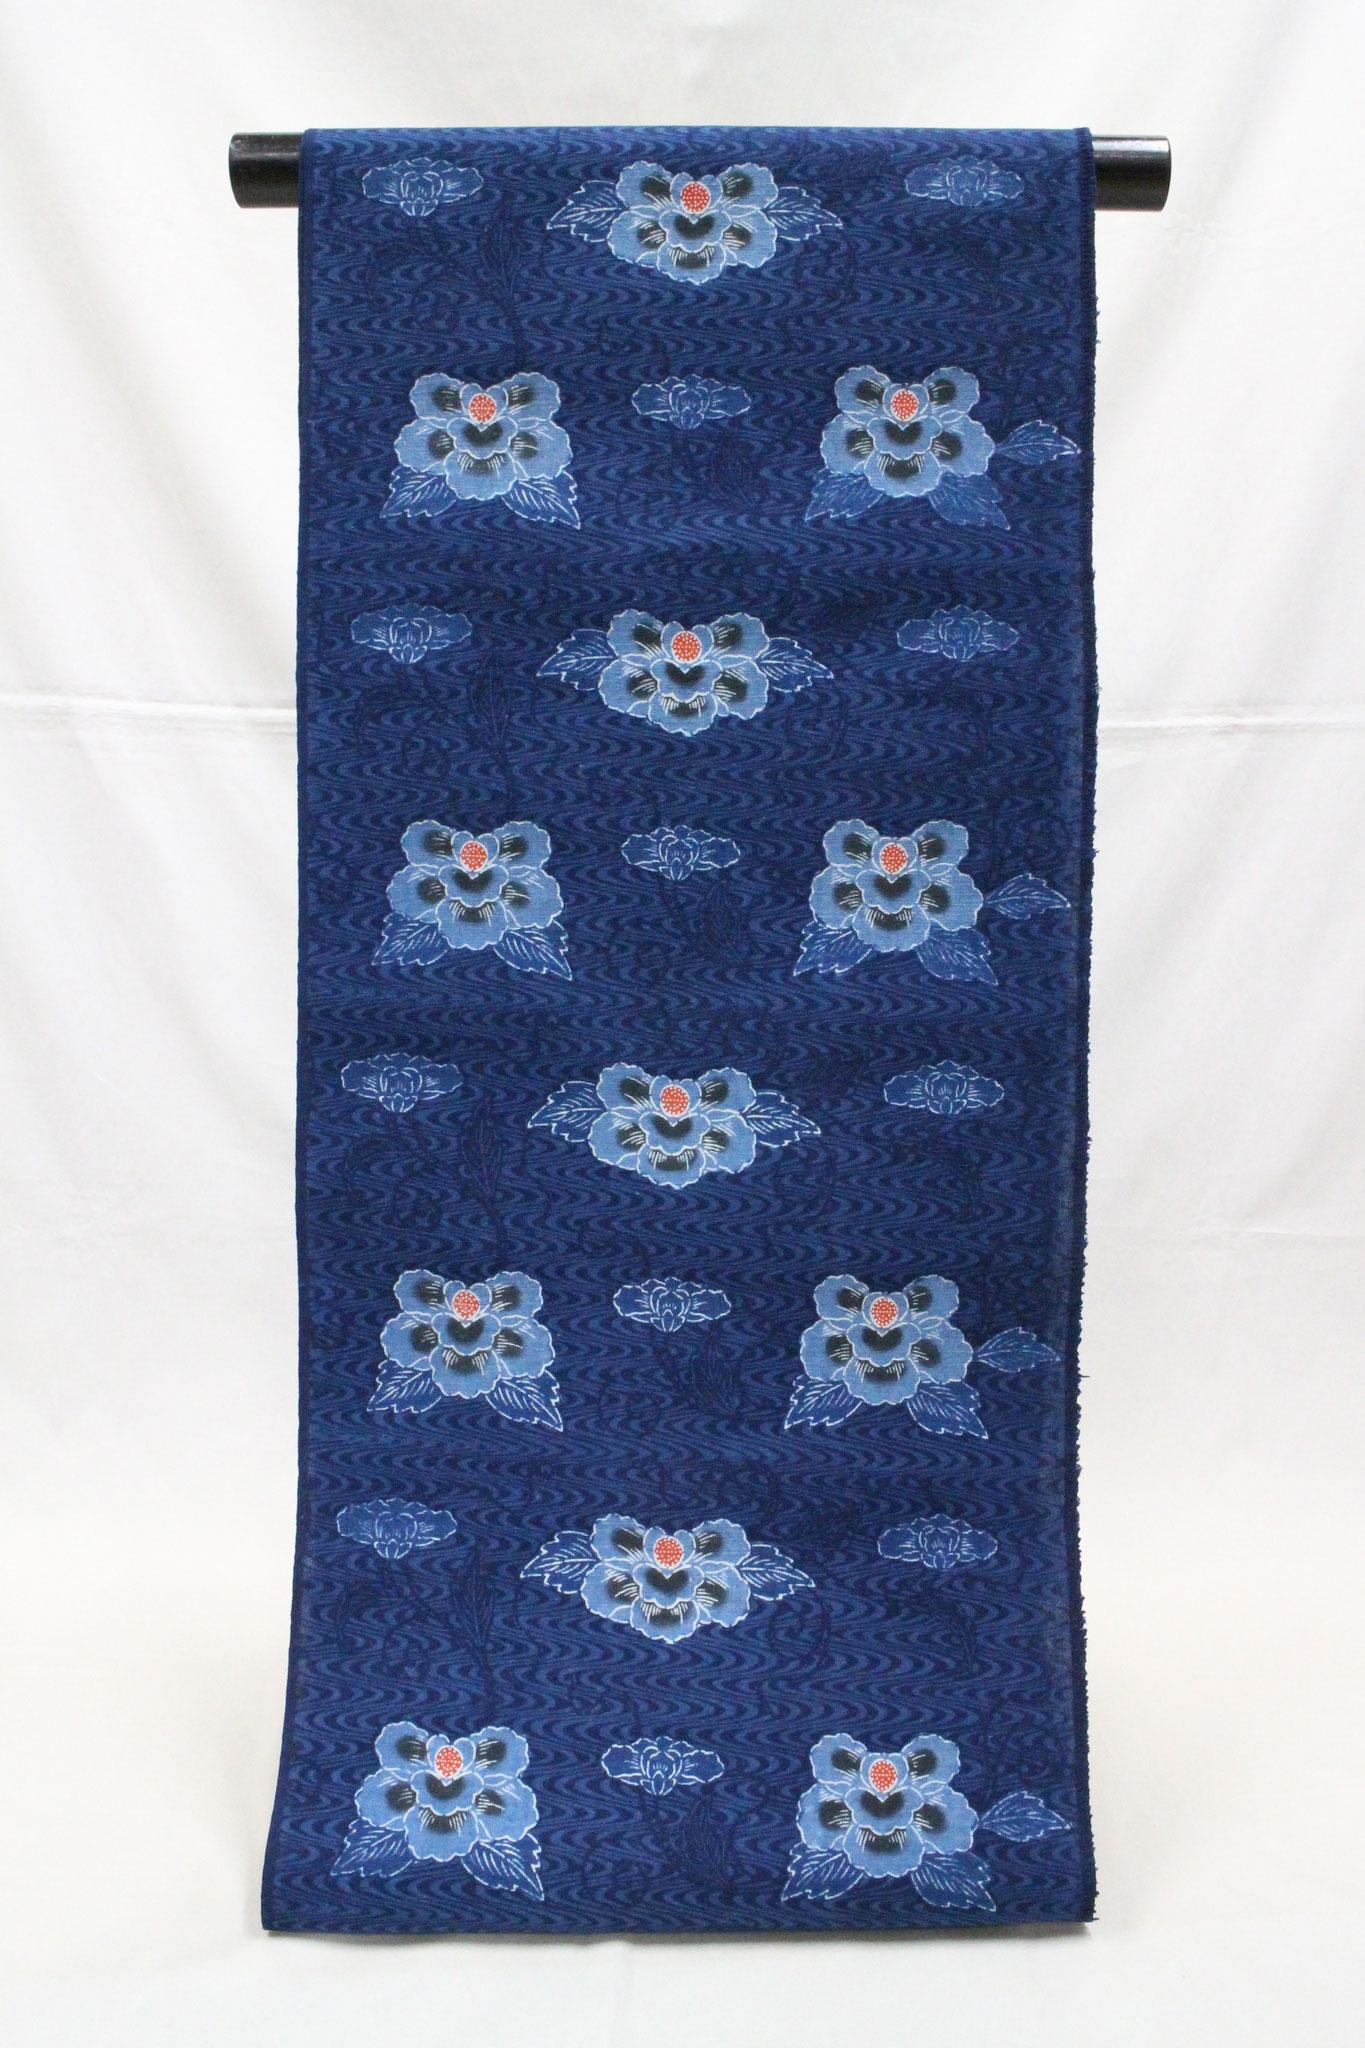 紅入り藍型古典柄 流水に牡丹   岡崎木綿